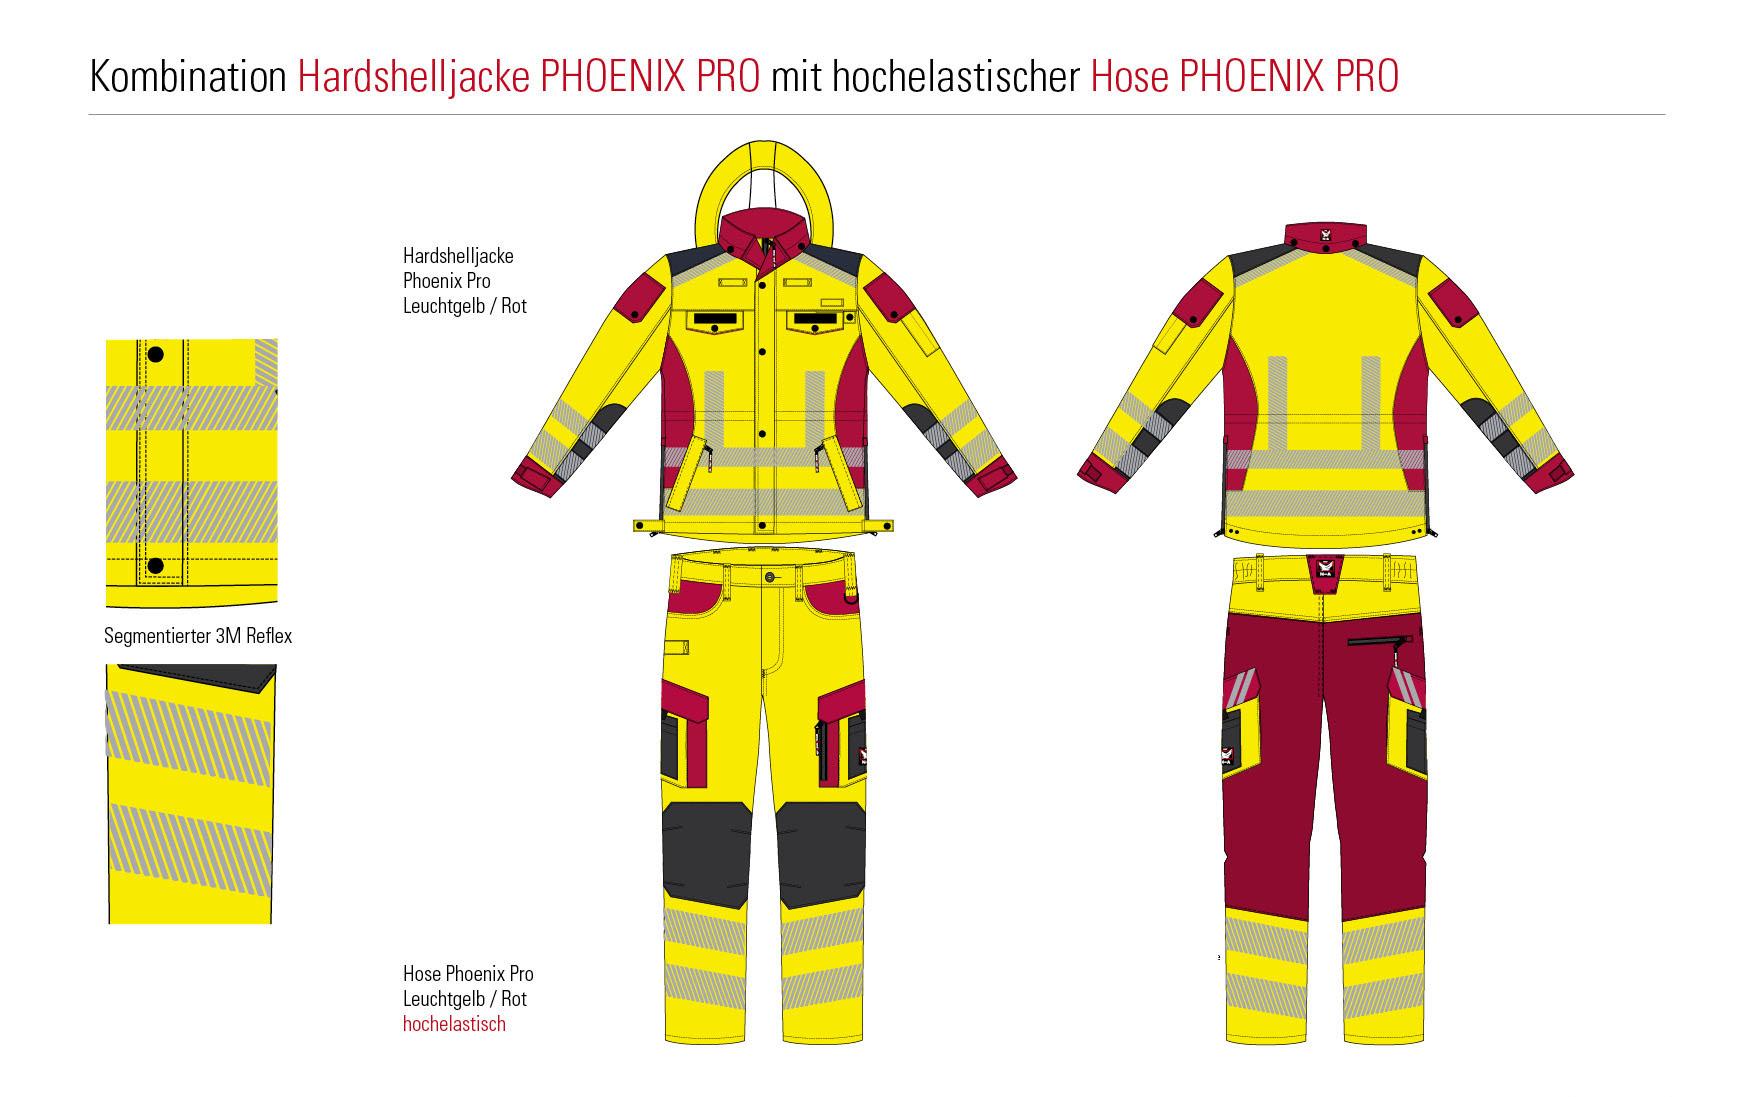 1Kombi-Phoenix-Pro-20212